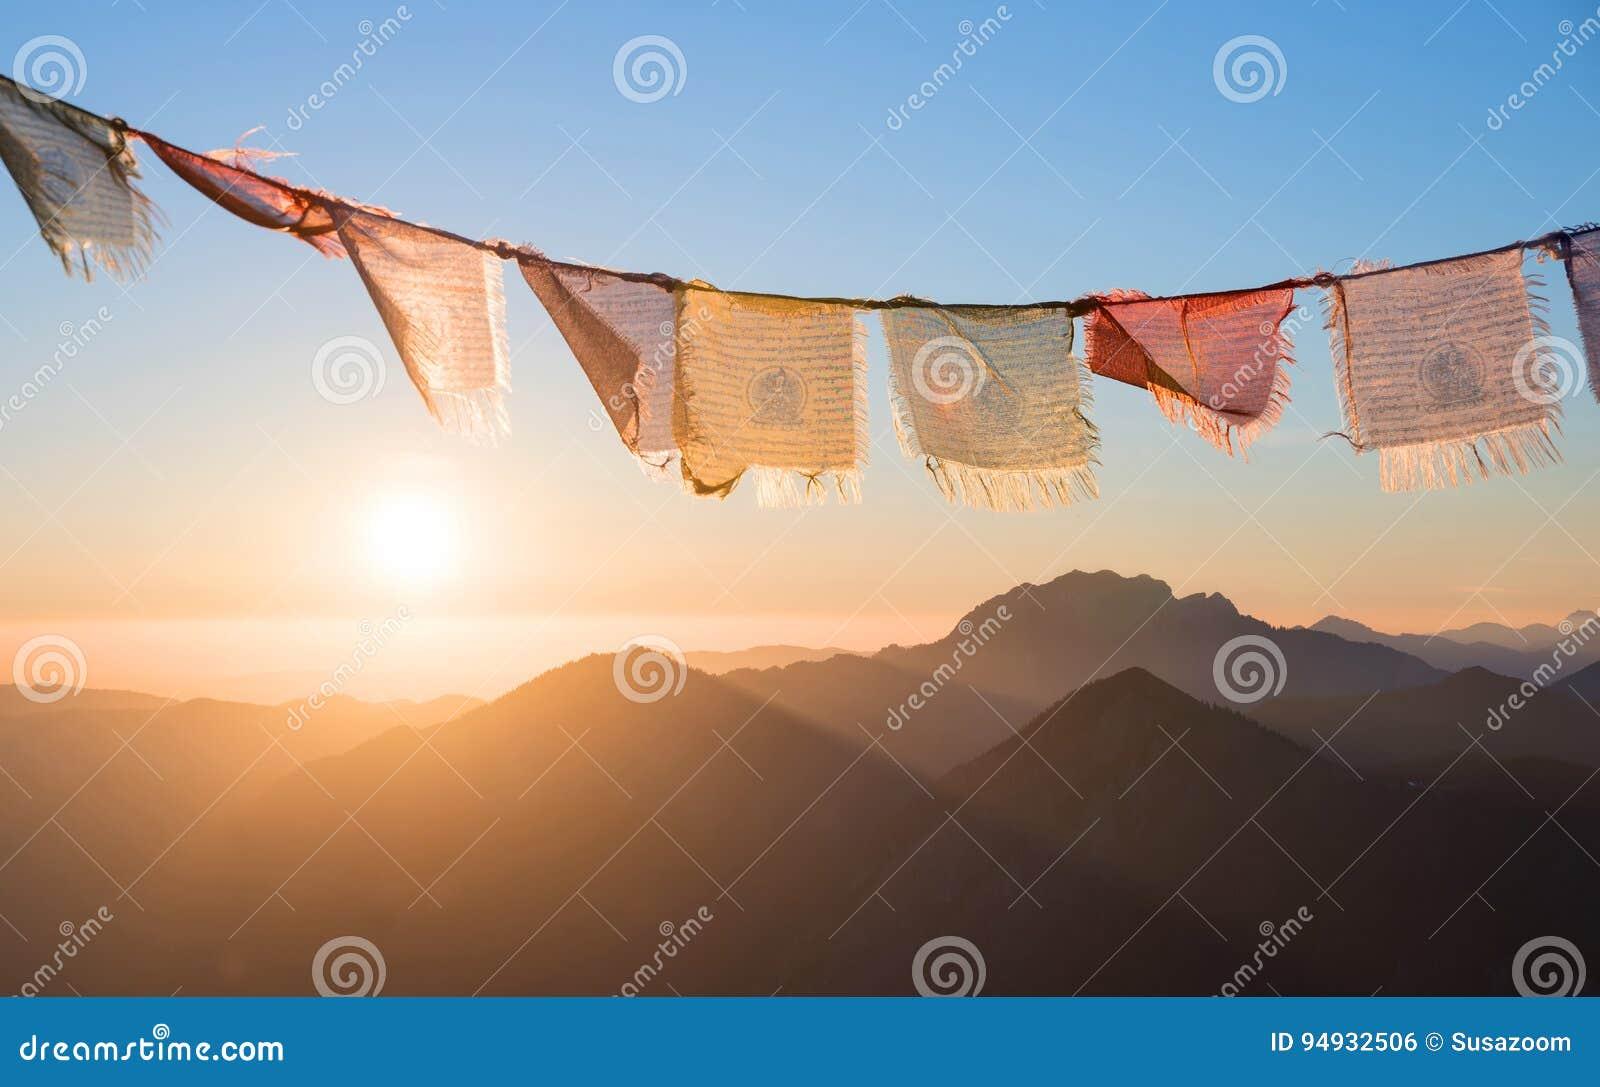 Sonnenaufgang in den Bergen, bunte Gebetsflaggen